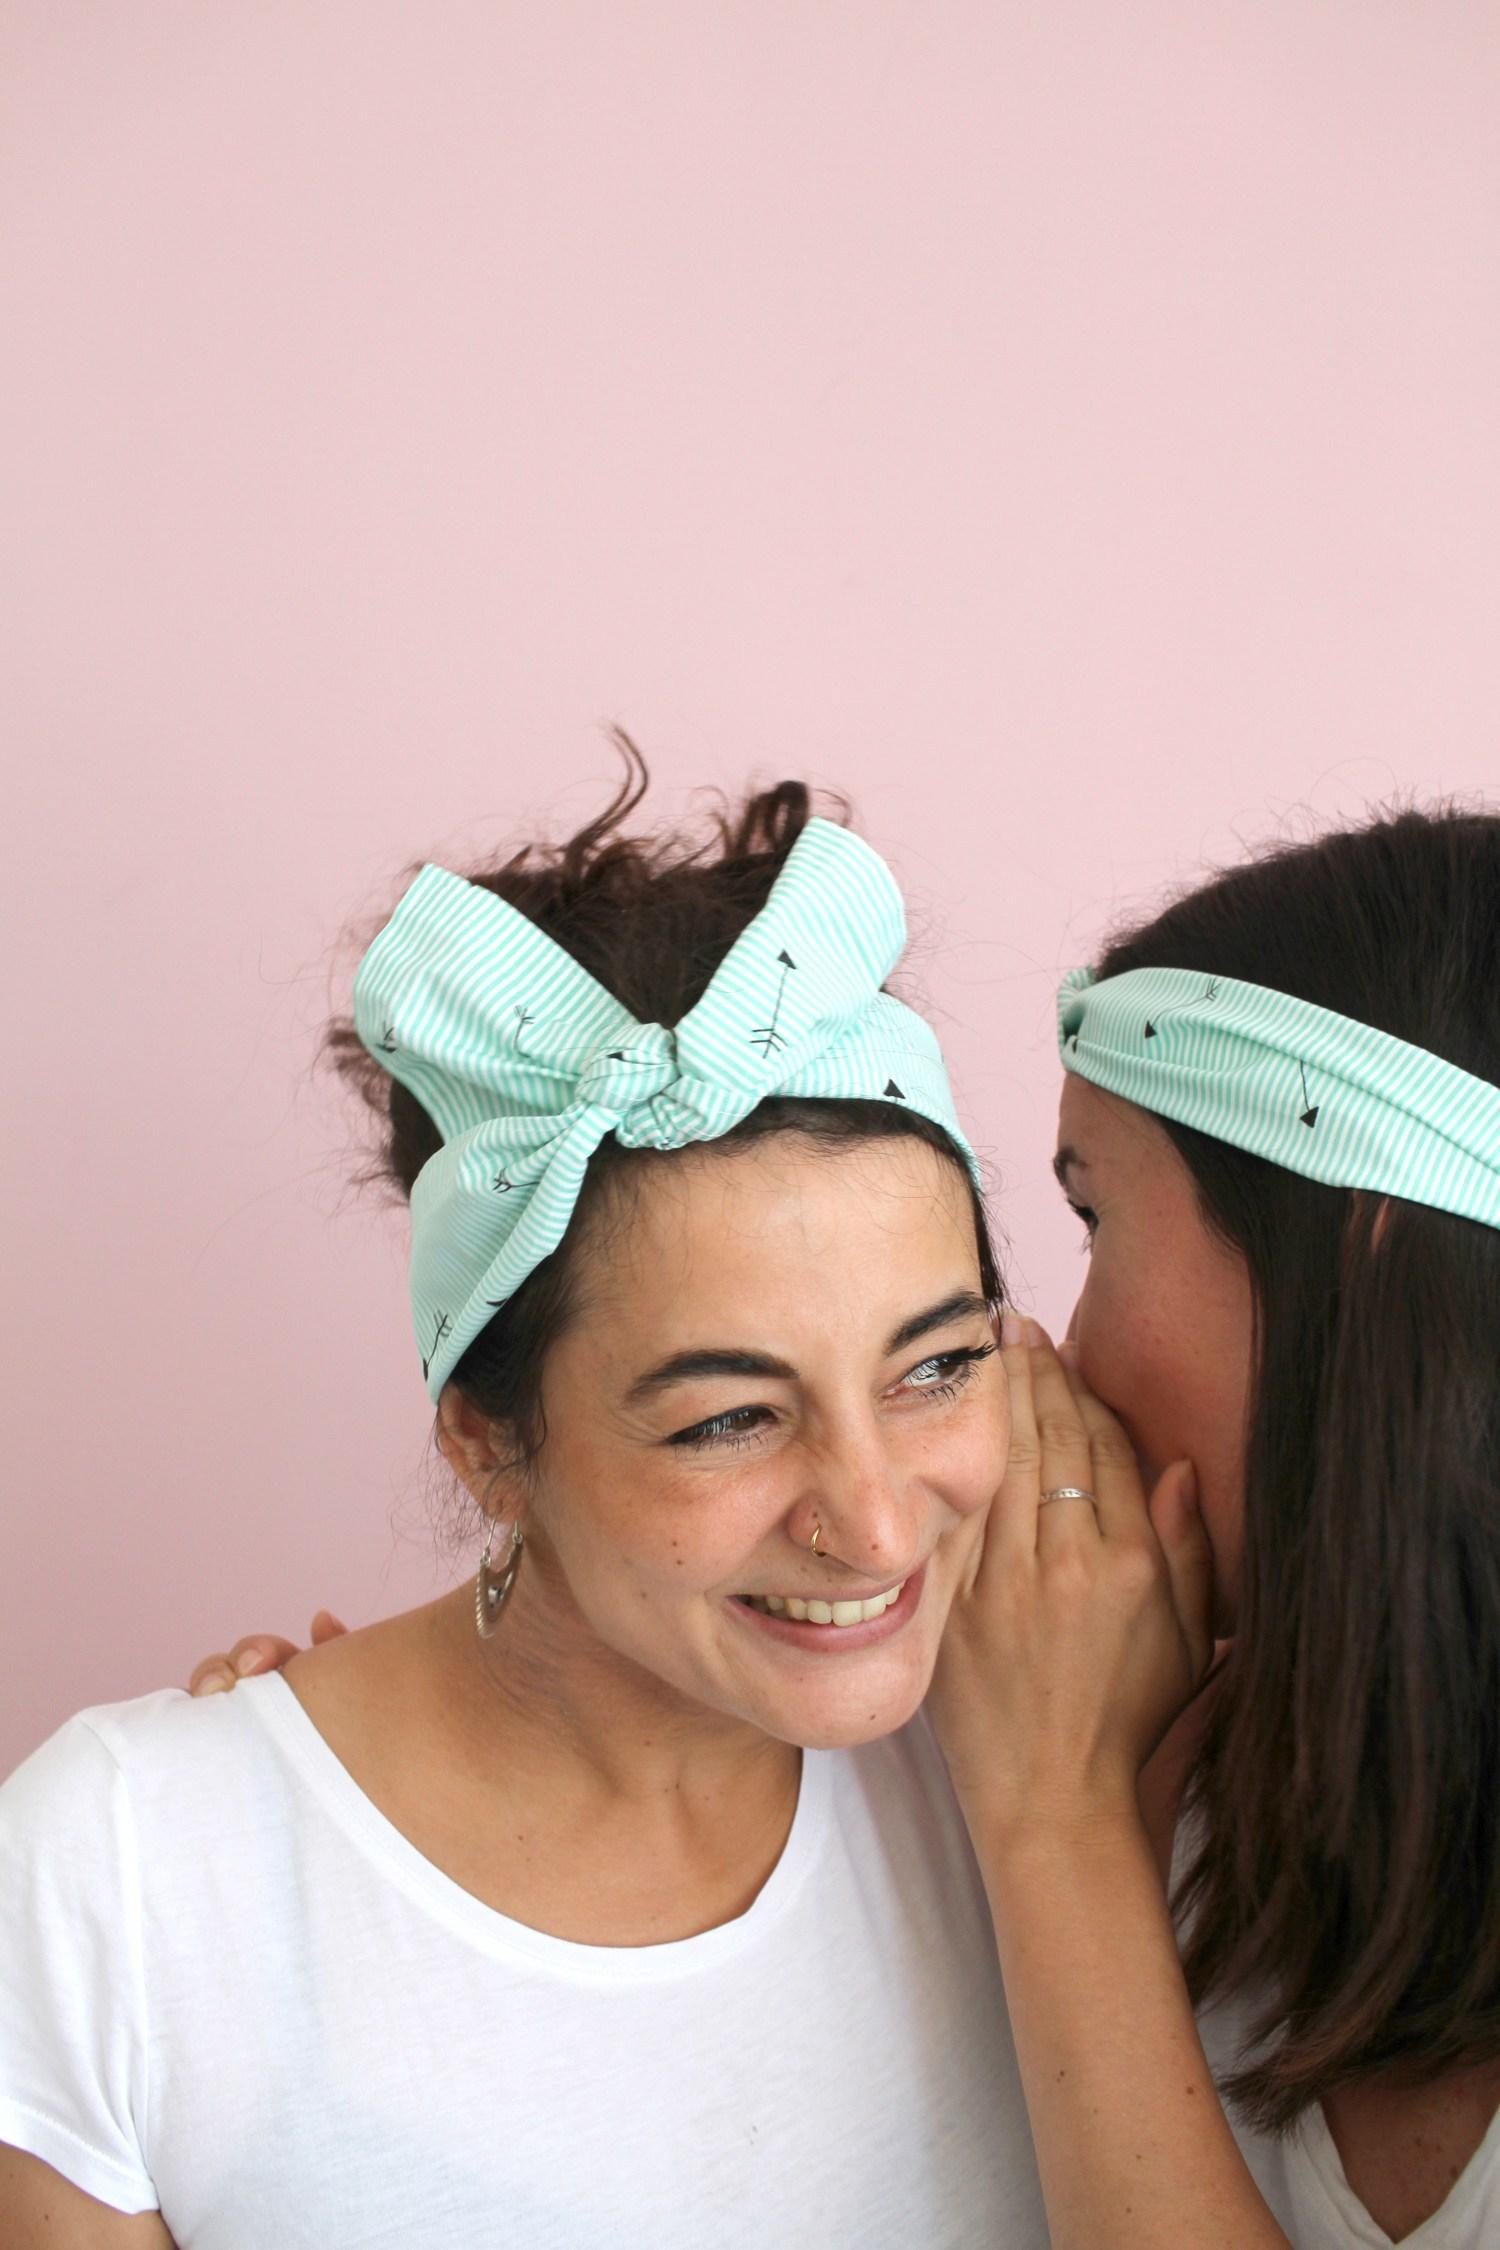 Makerist-Basteln-mit-Kindern-50-DIY-Projekte-Haarband-selber-machen